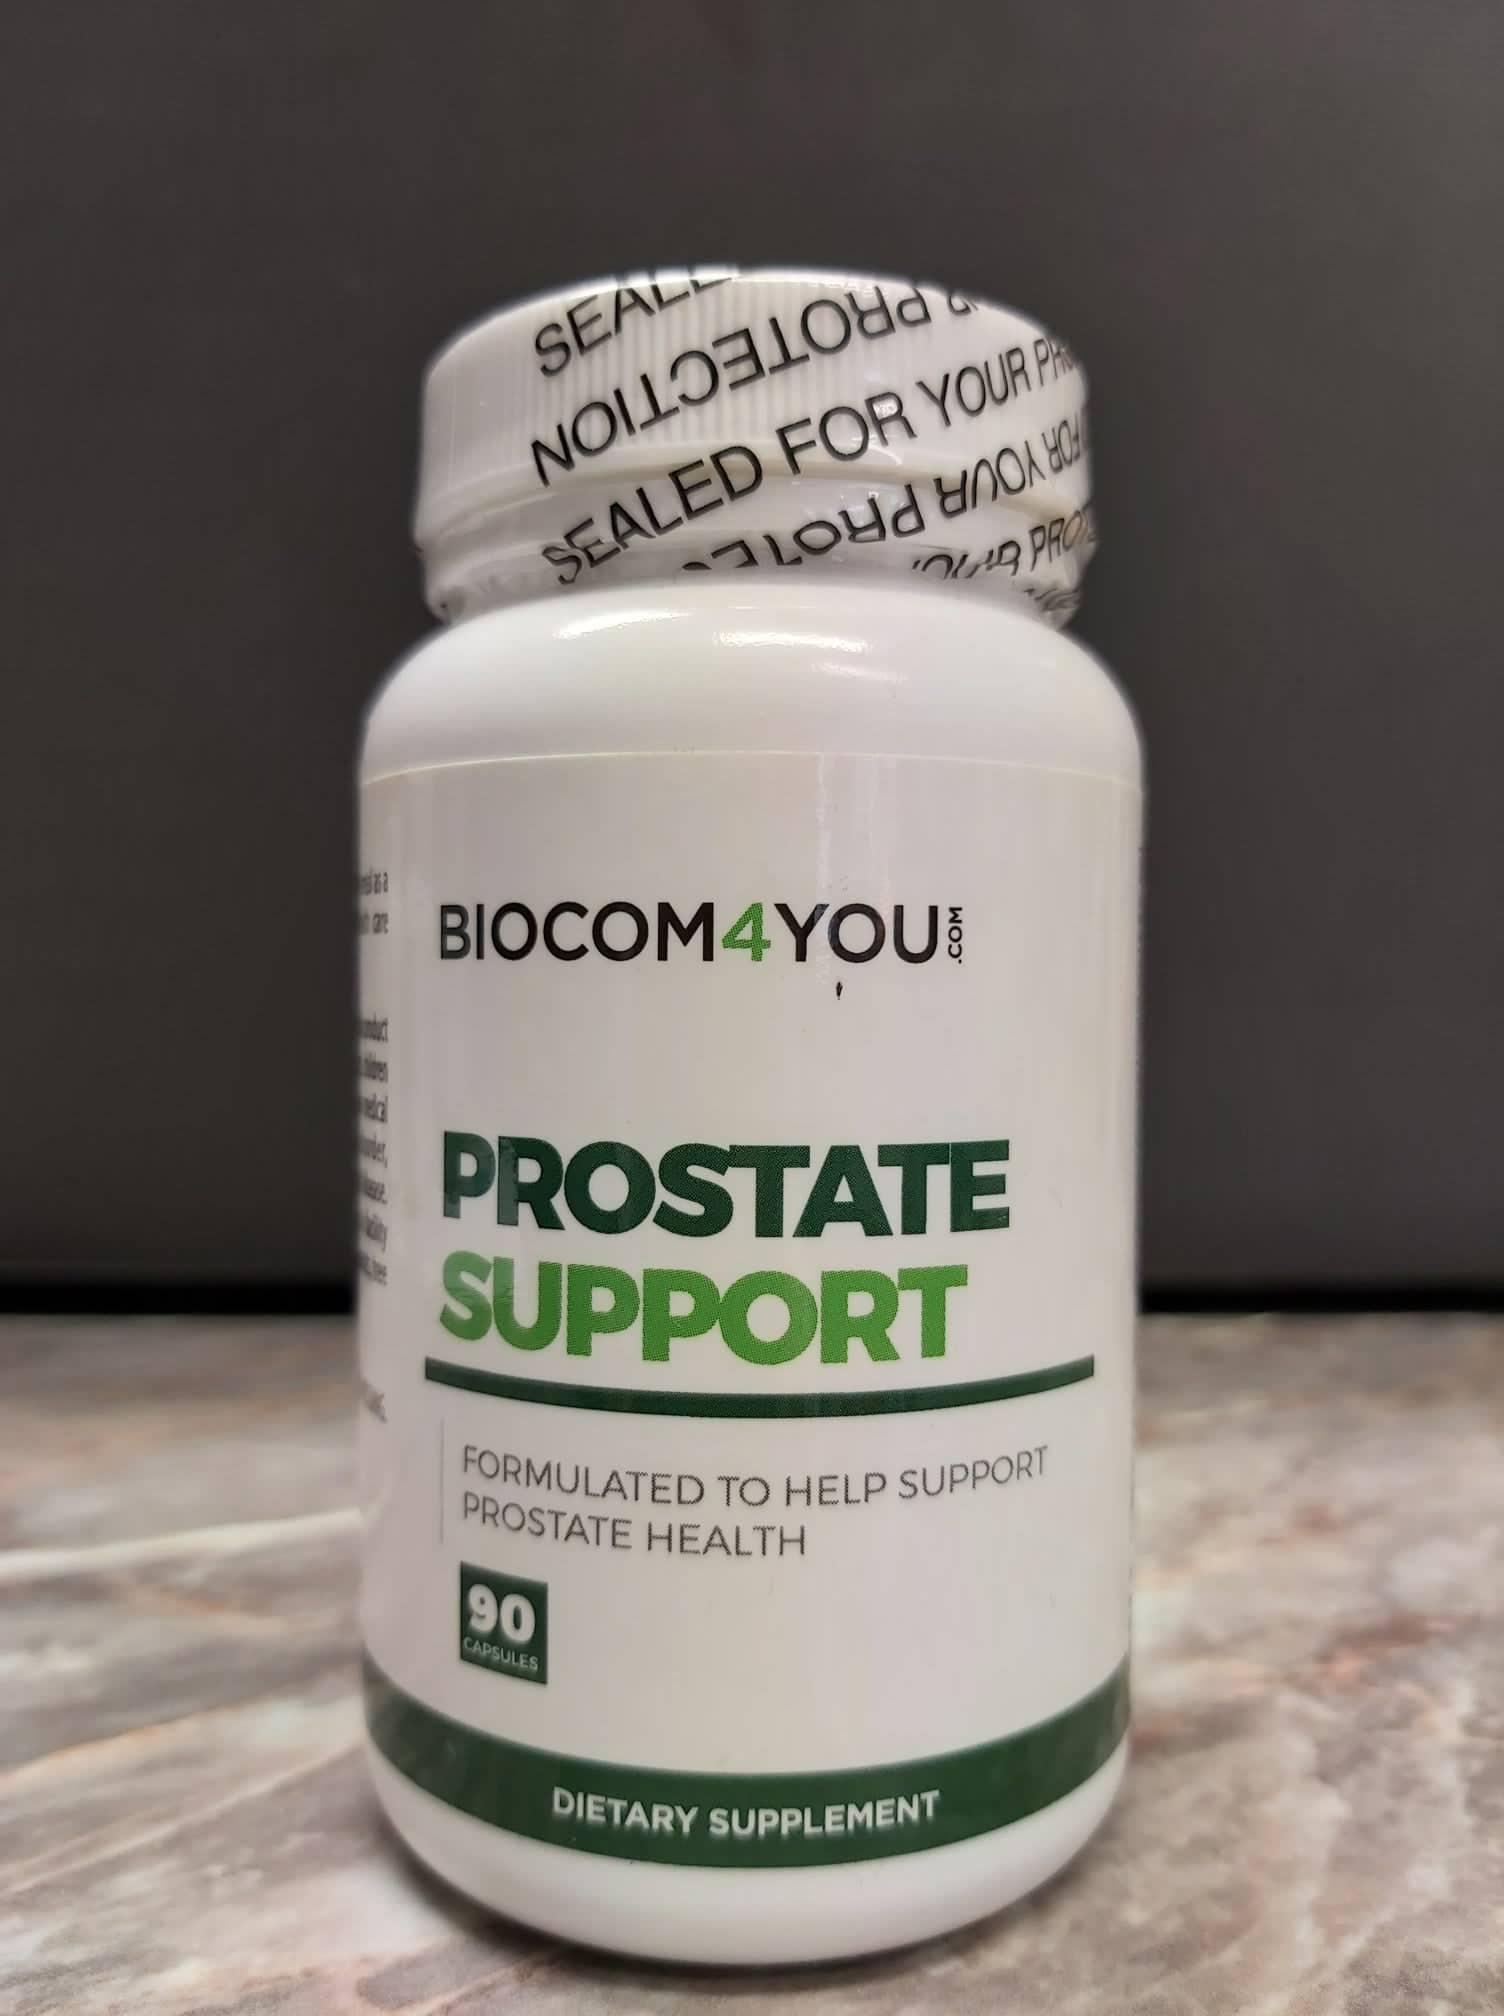 Prosztatagyulladás gyógyszer duodart - Augmentin prosztatitisz kezelése